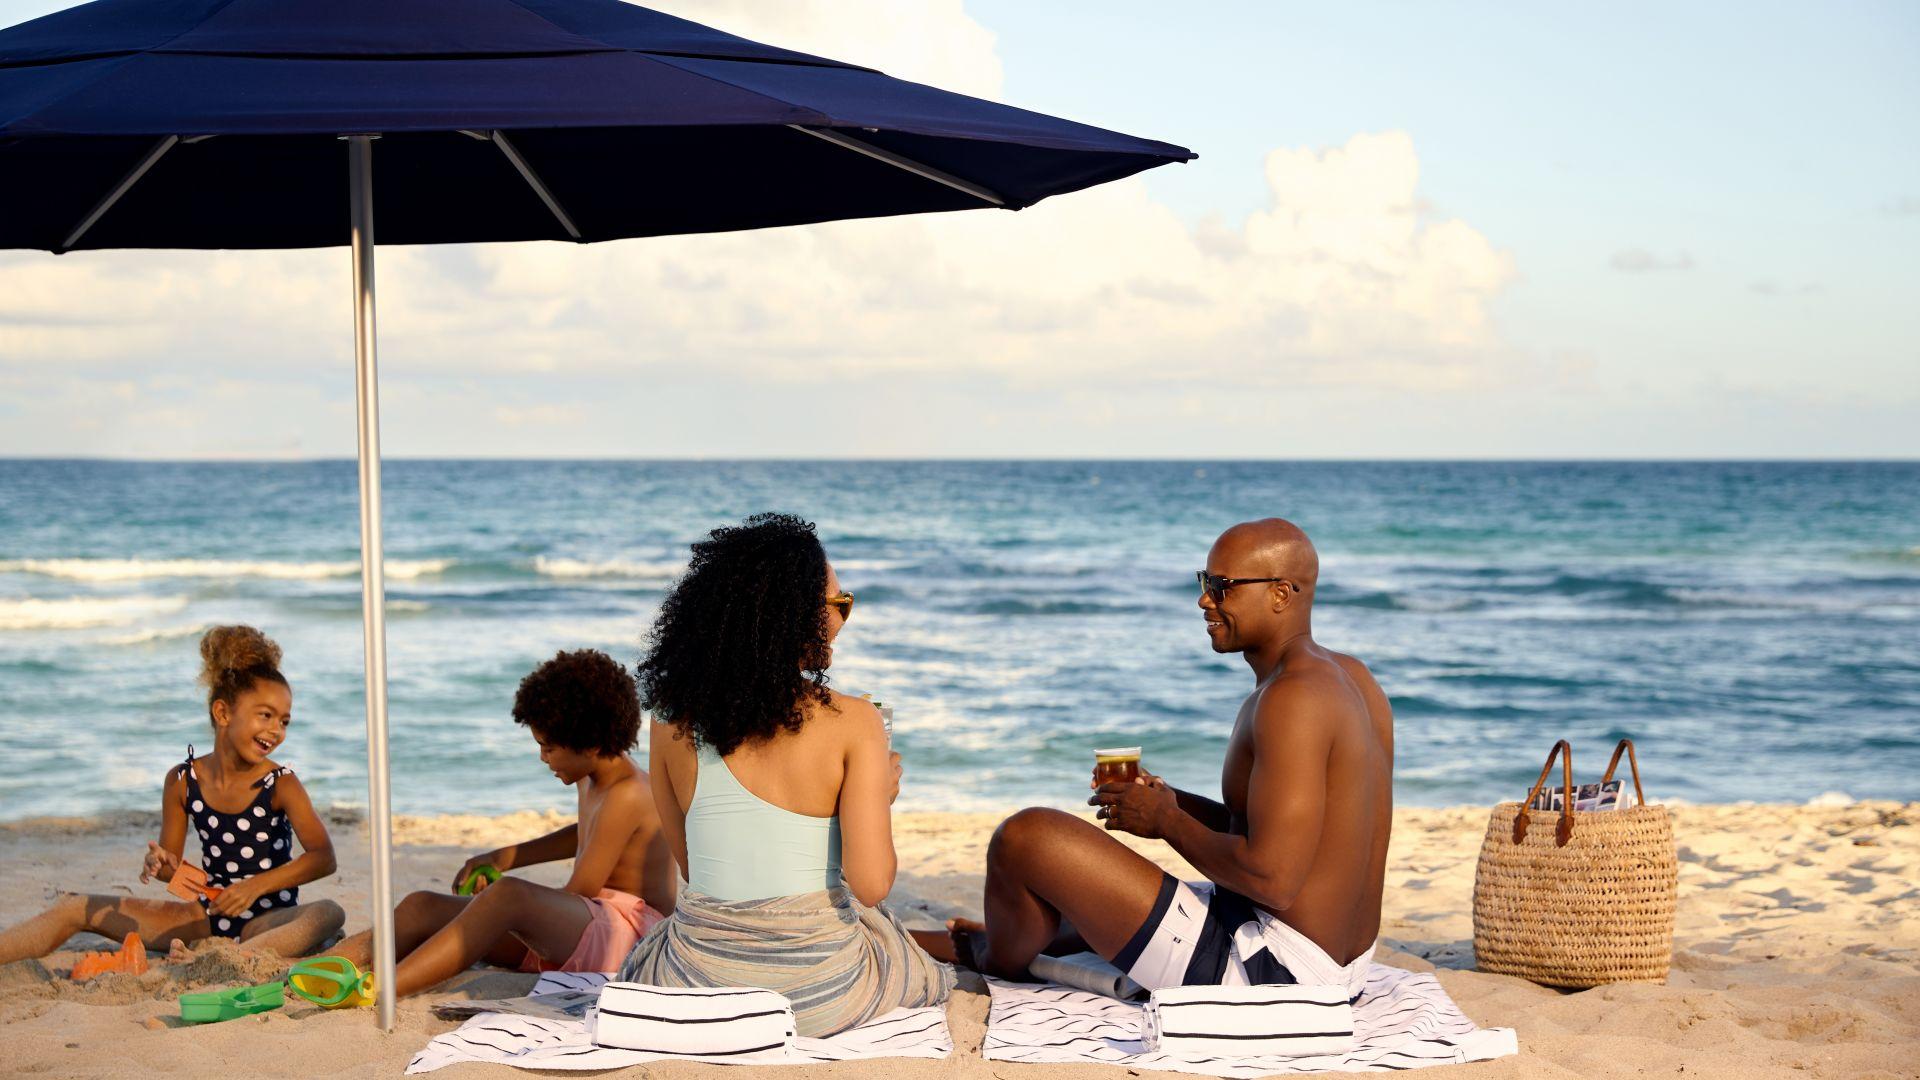 Un grupo de personas sentadas en la playa